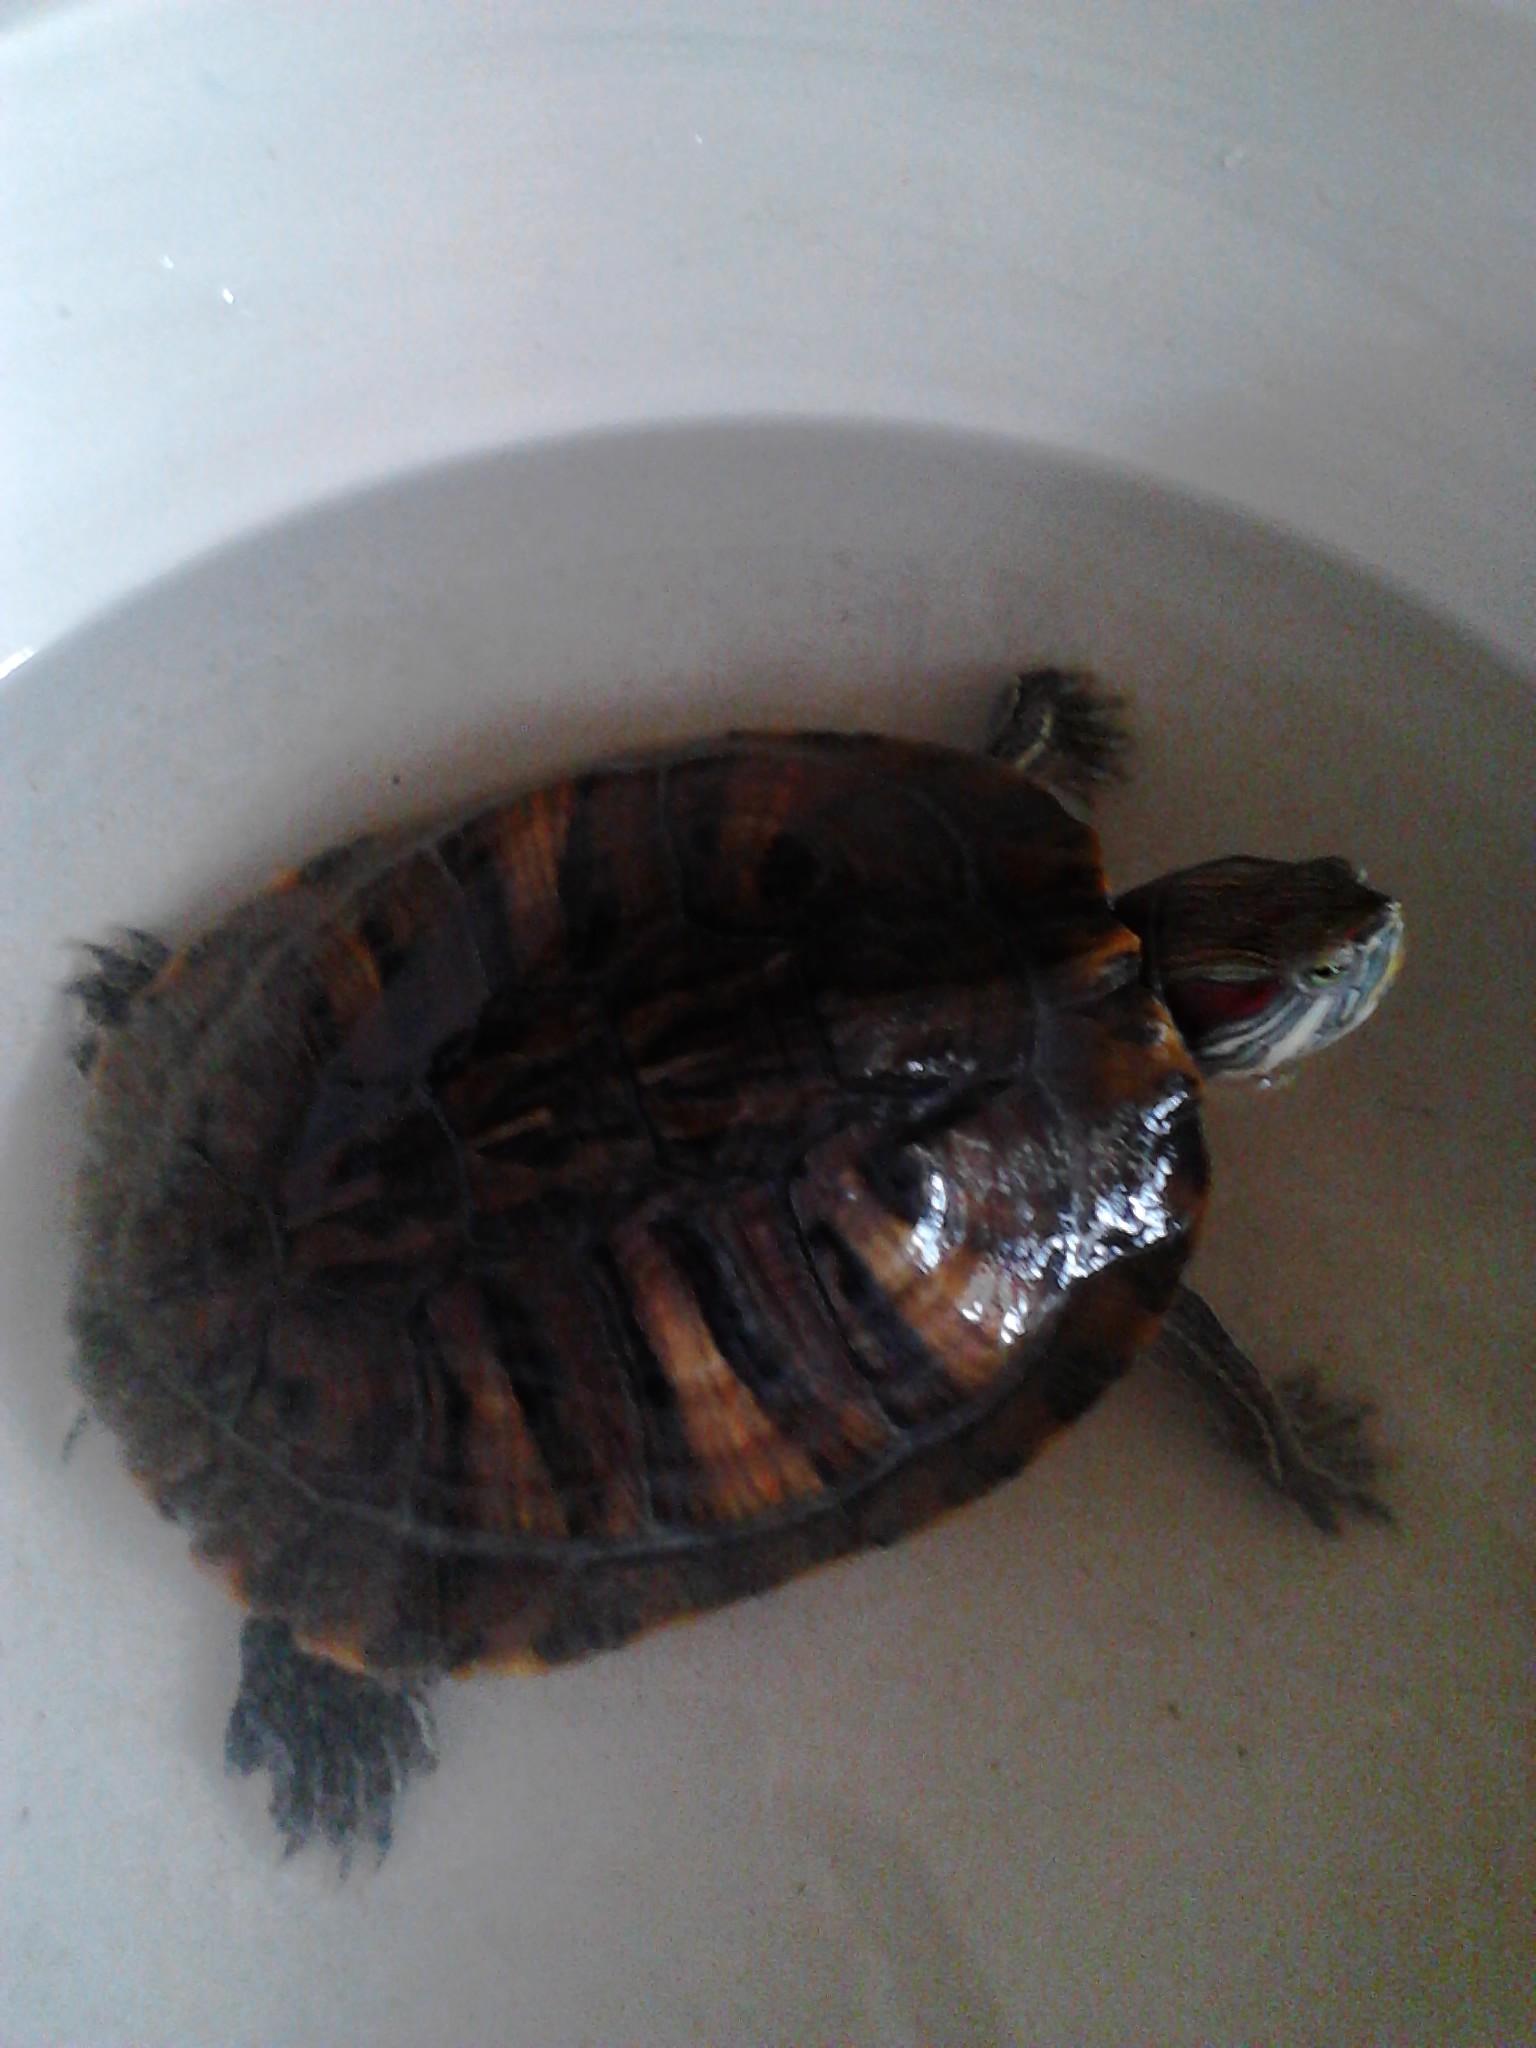 眼病要怎么治,乌龟有手掌那么大